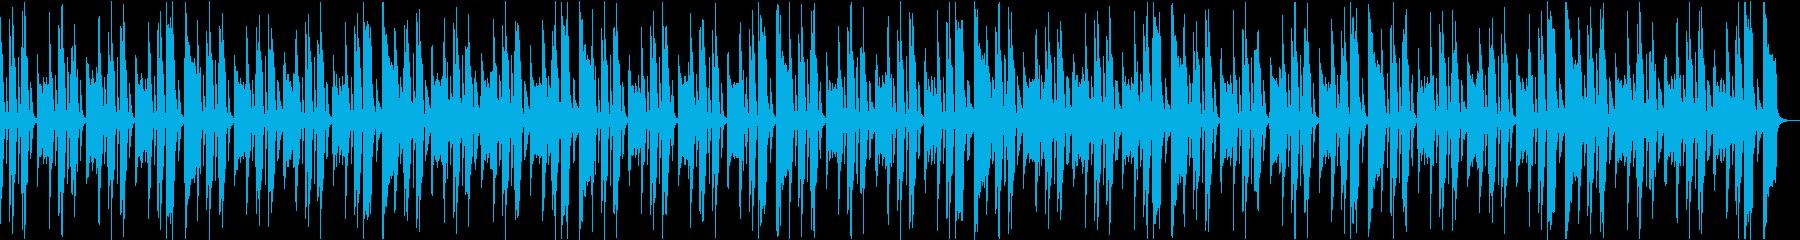 コミカルいたずらかわいい楽しいCM aの再生済みの波形